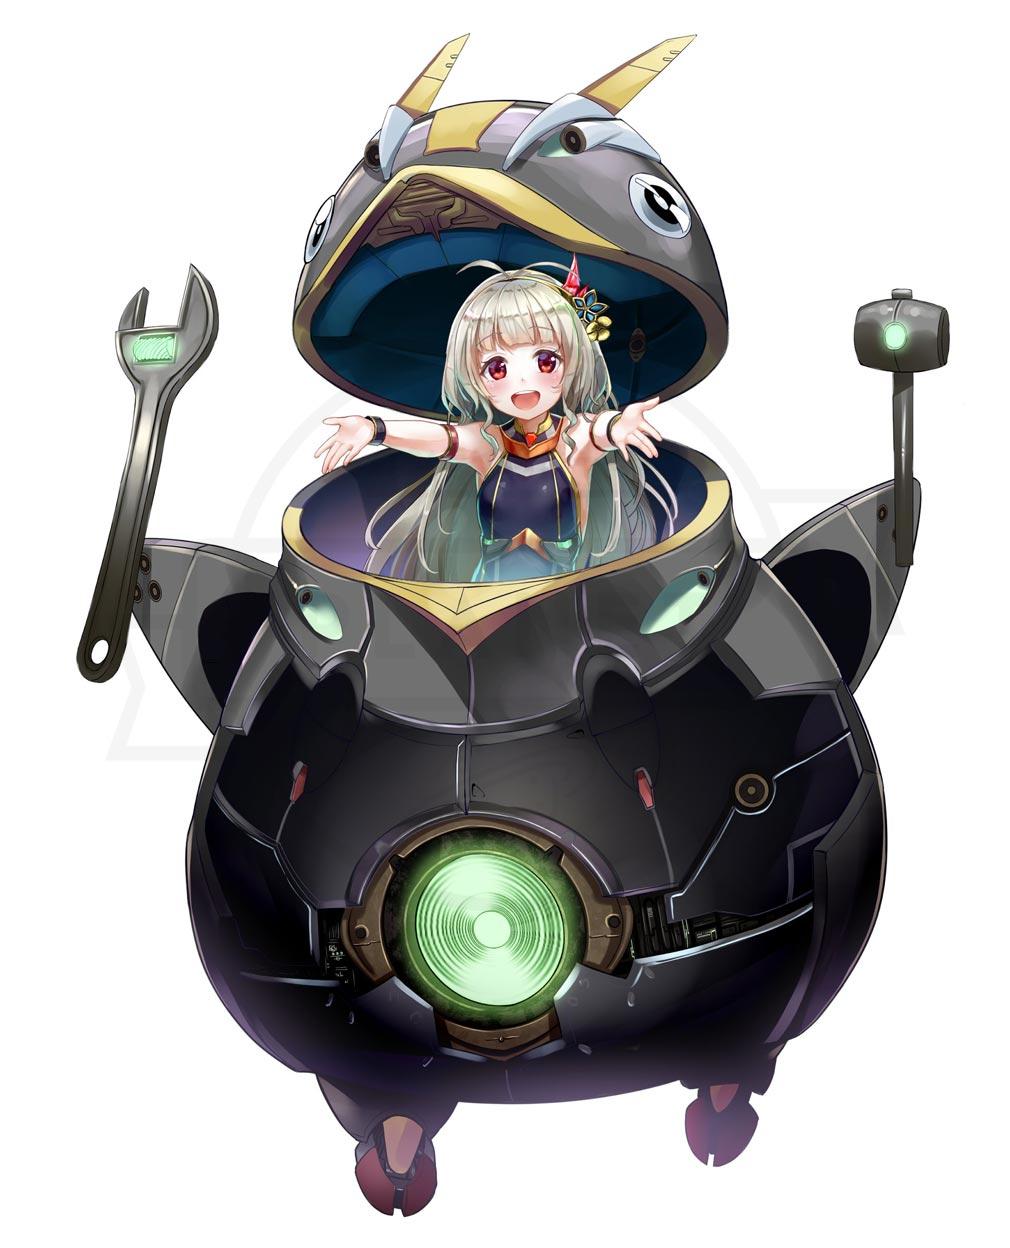 星間パイオニア Cyber Adventure キャラクター『キキ』紹介イメージ